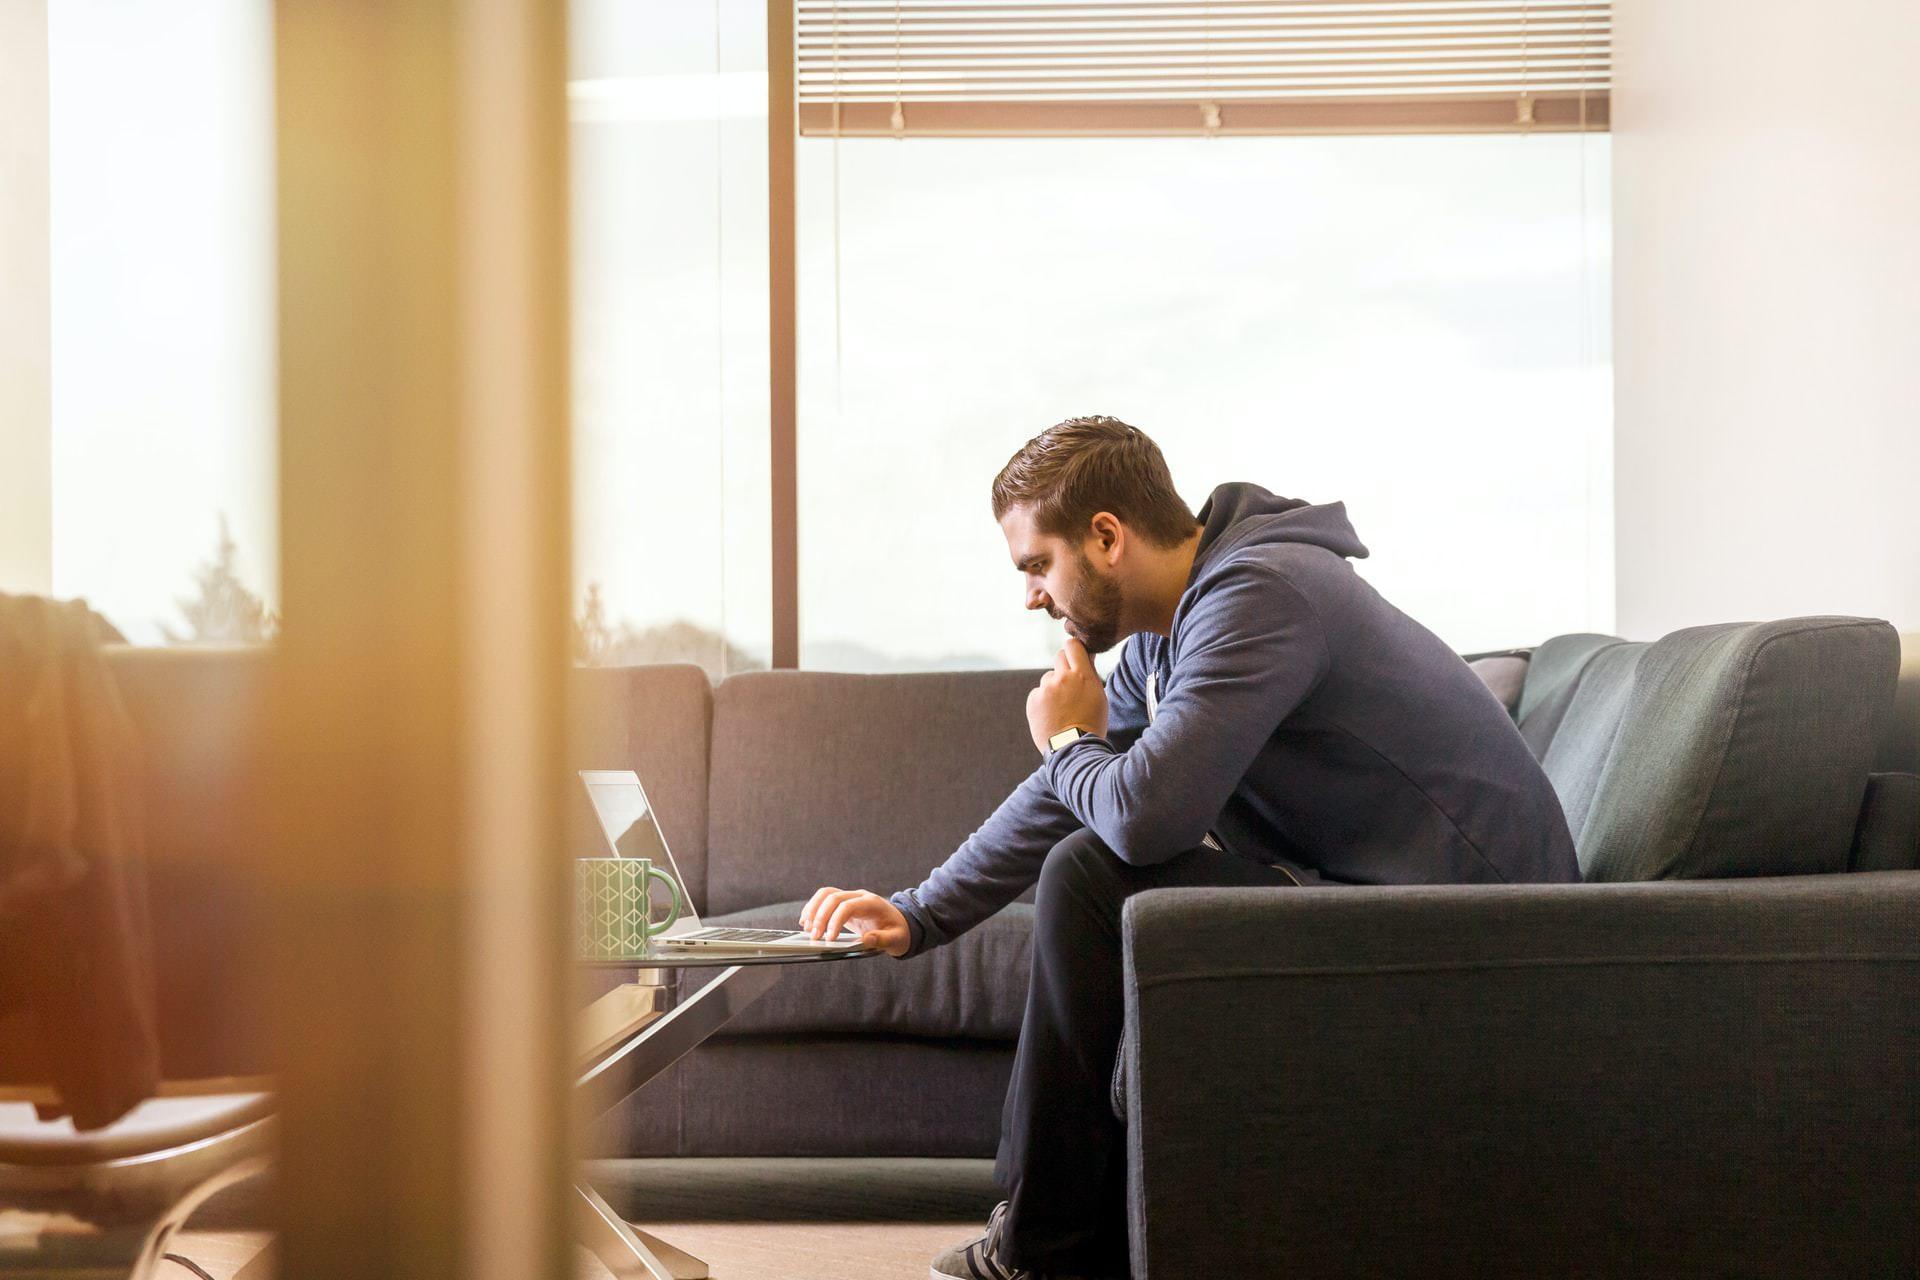 ソファやベッドでパソコン(ノートPC)の作業を姿勢良く行い、膝での作業をなくす最適なテーブル・スタンド4